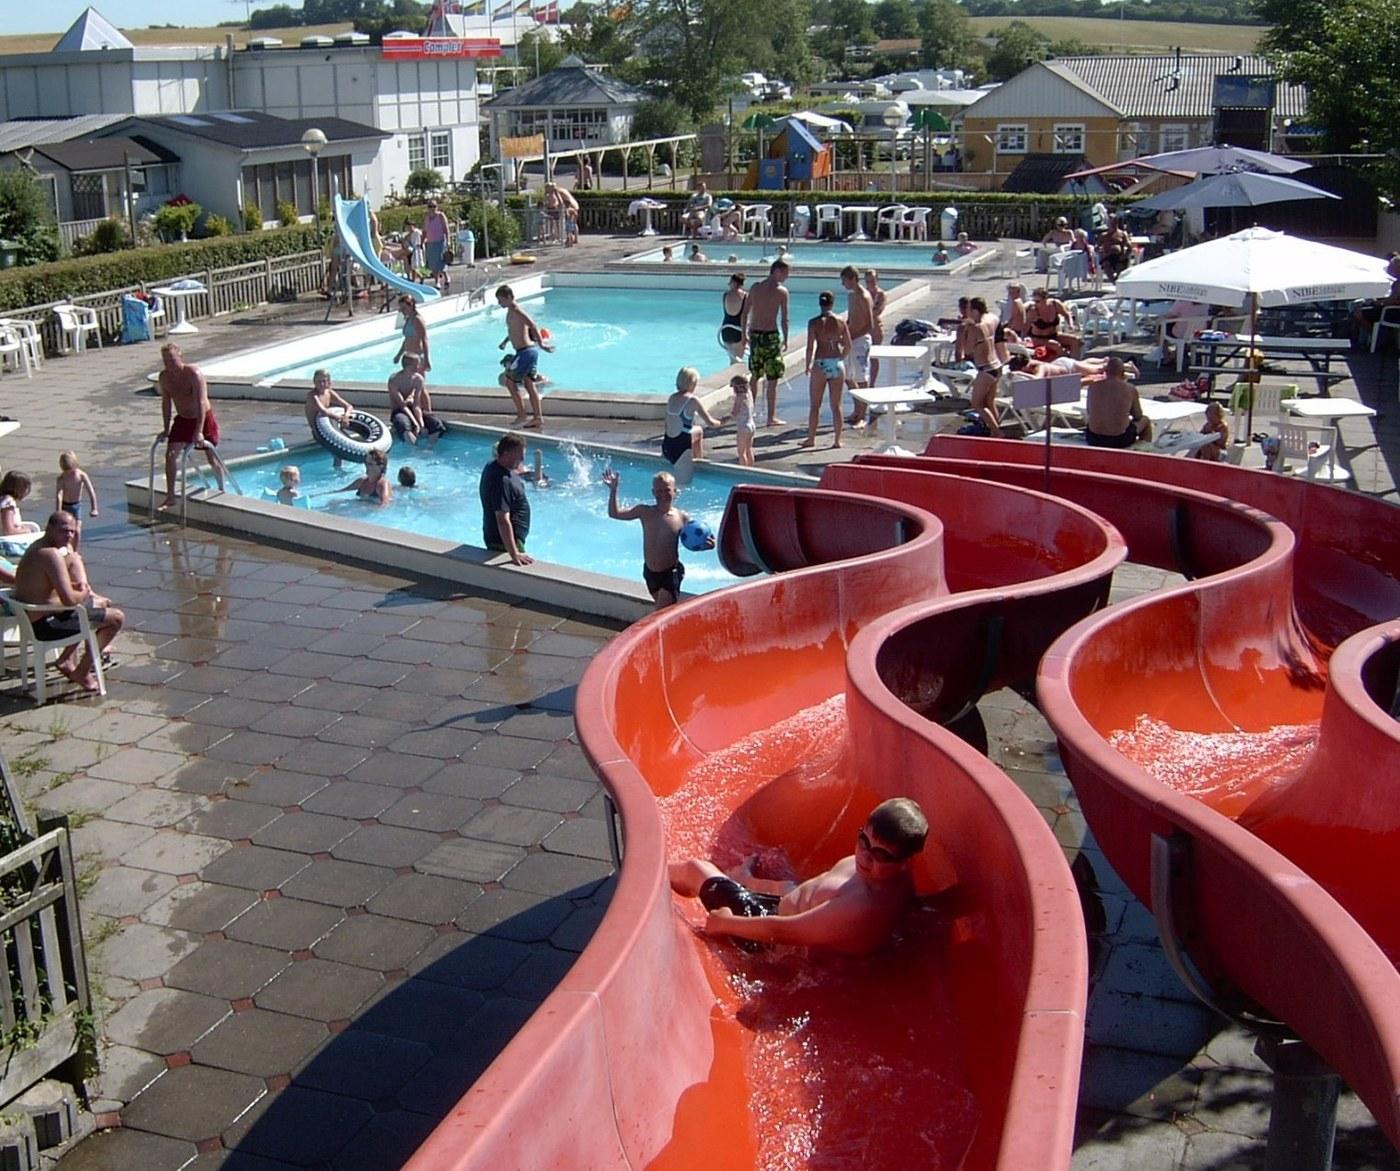 Thumb kopi  2  af swimmingpool ferie camping i nordjylland hytter aalborg hytteferie weekendophold